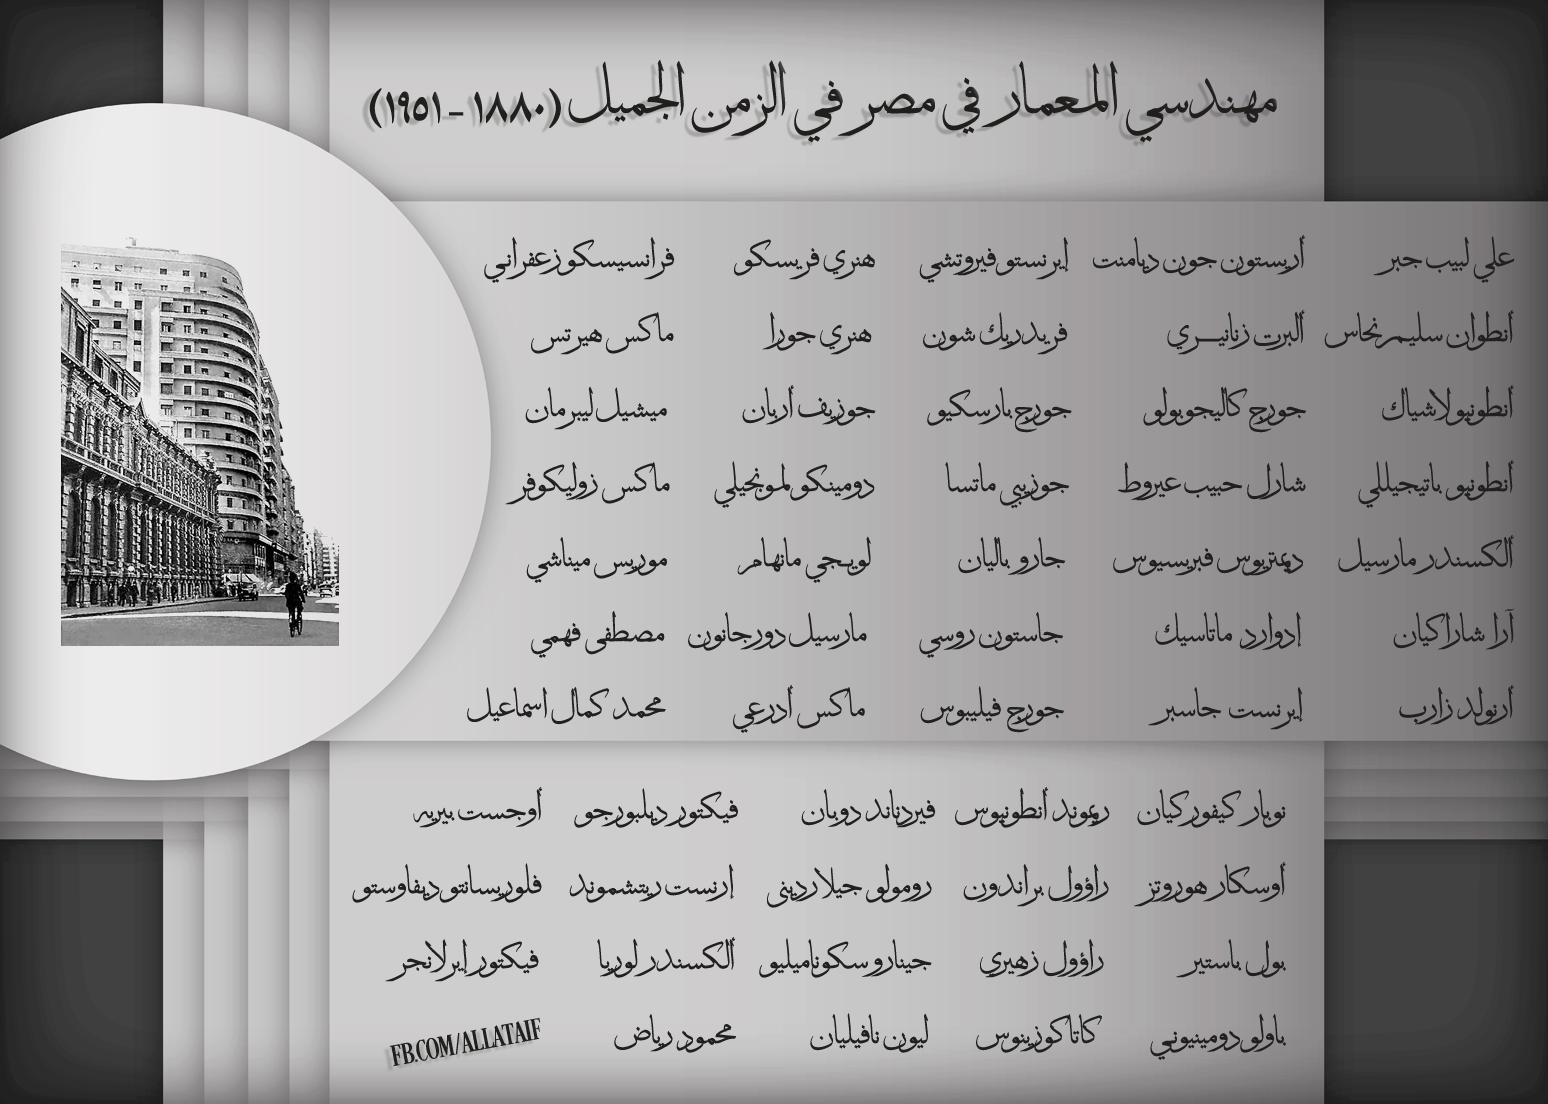 سلسلة اللطائف المصورة - صفحة 2 Architects-in-Egypts-Belle-Epoque